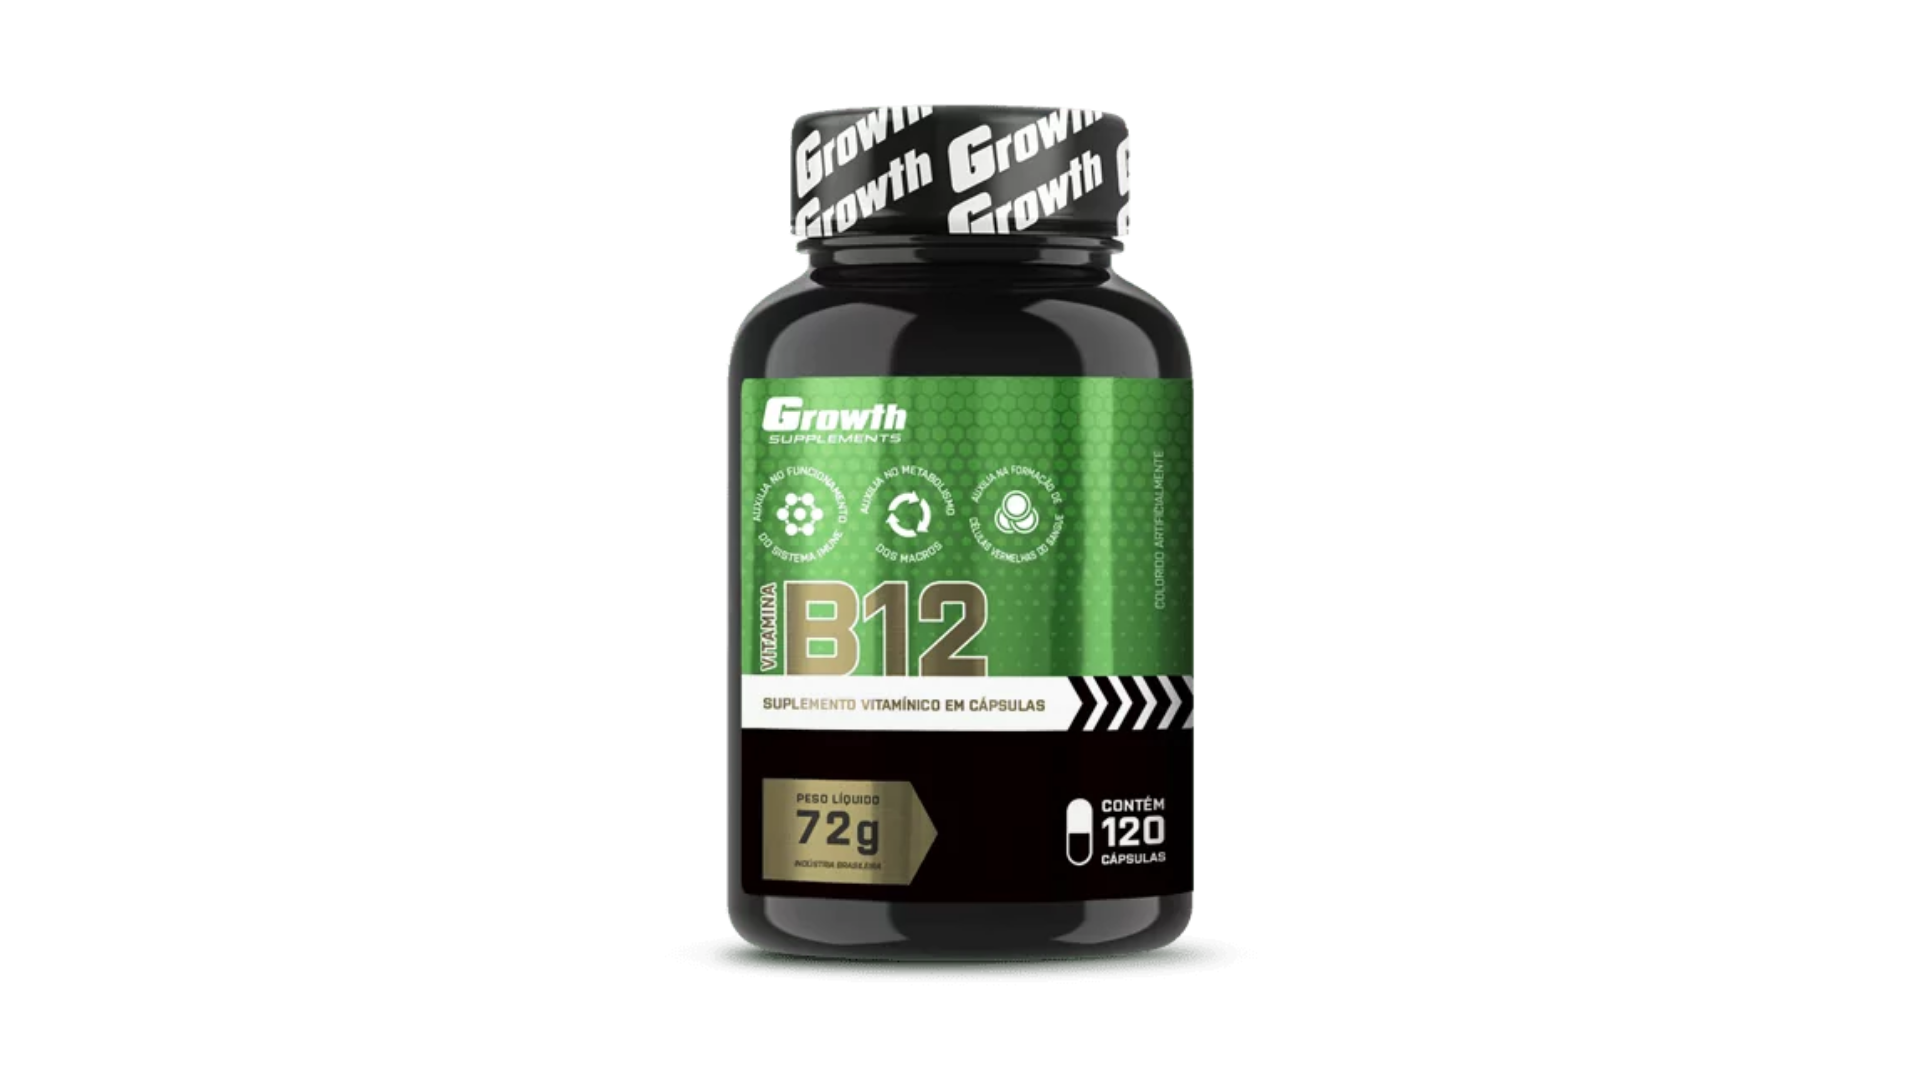 Vitamina B12 Growth (Imagem: Divulgação/Growth)